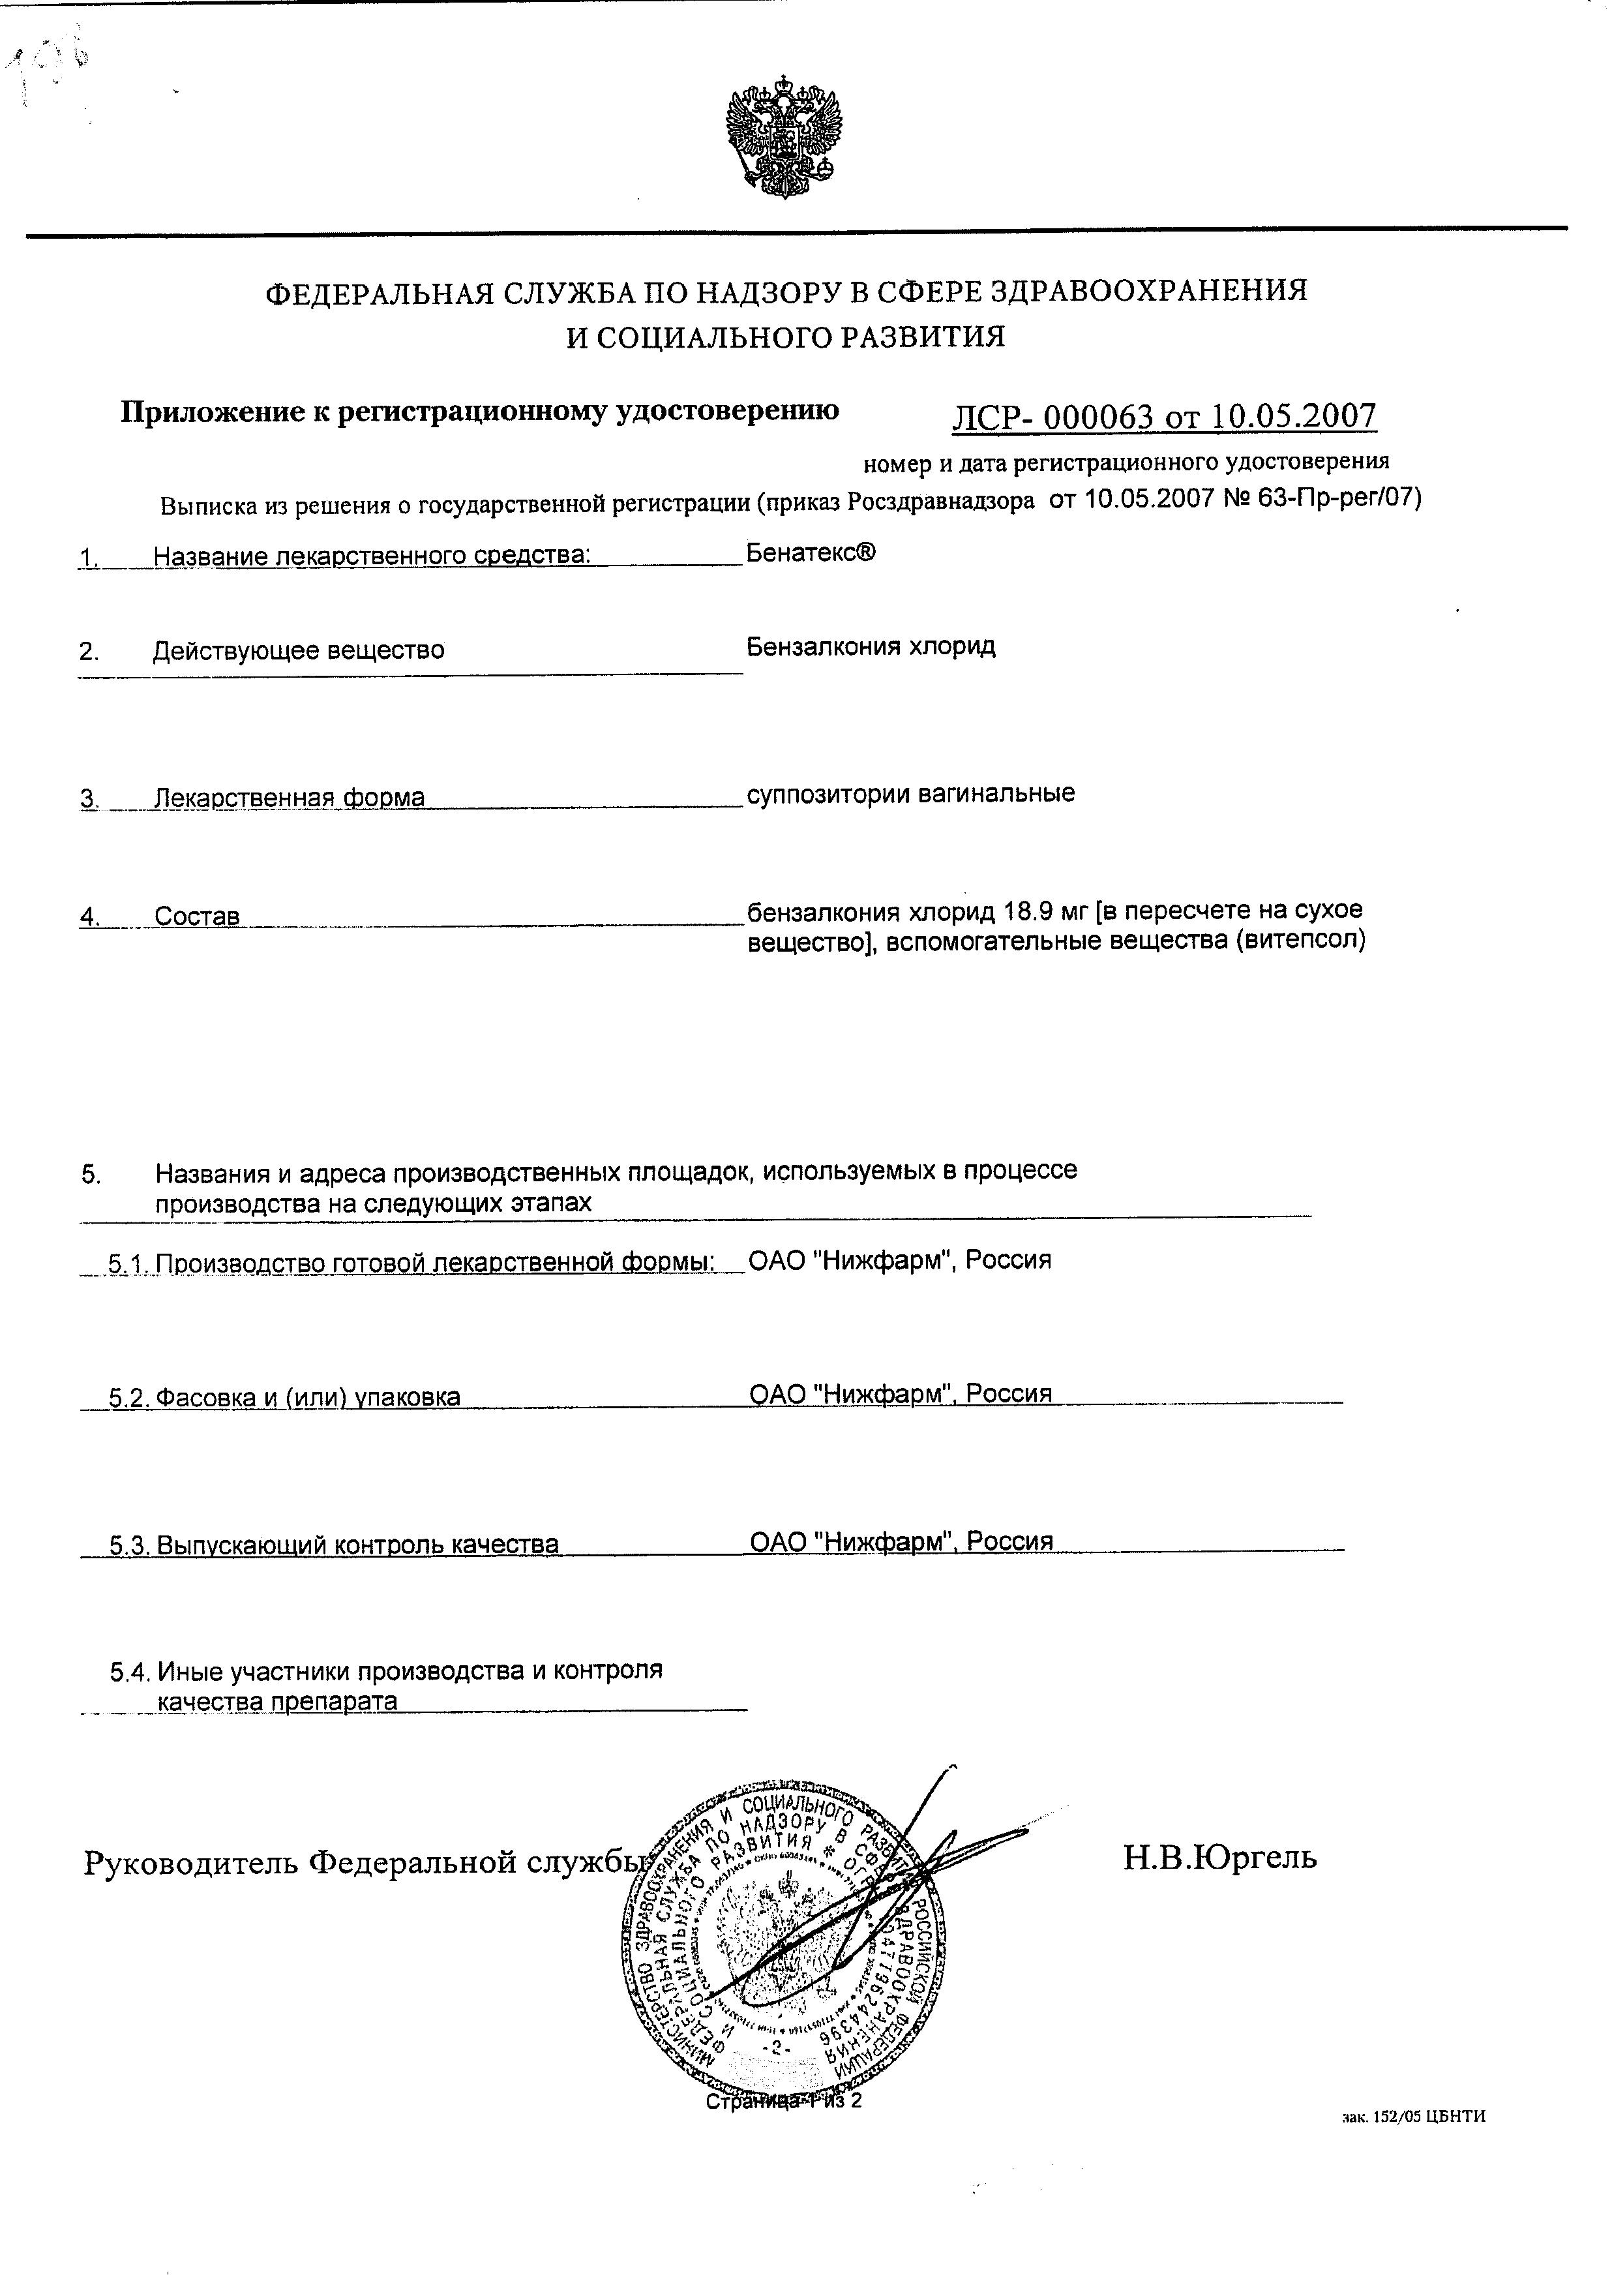 Бенатекс сертификат